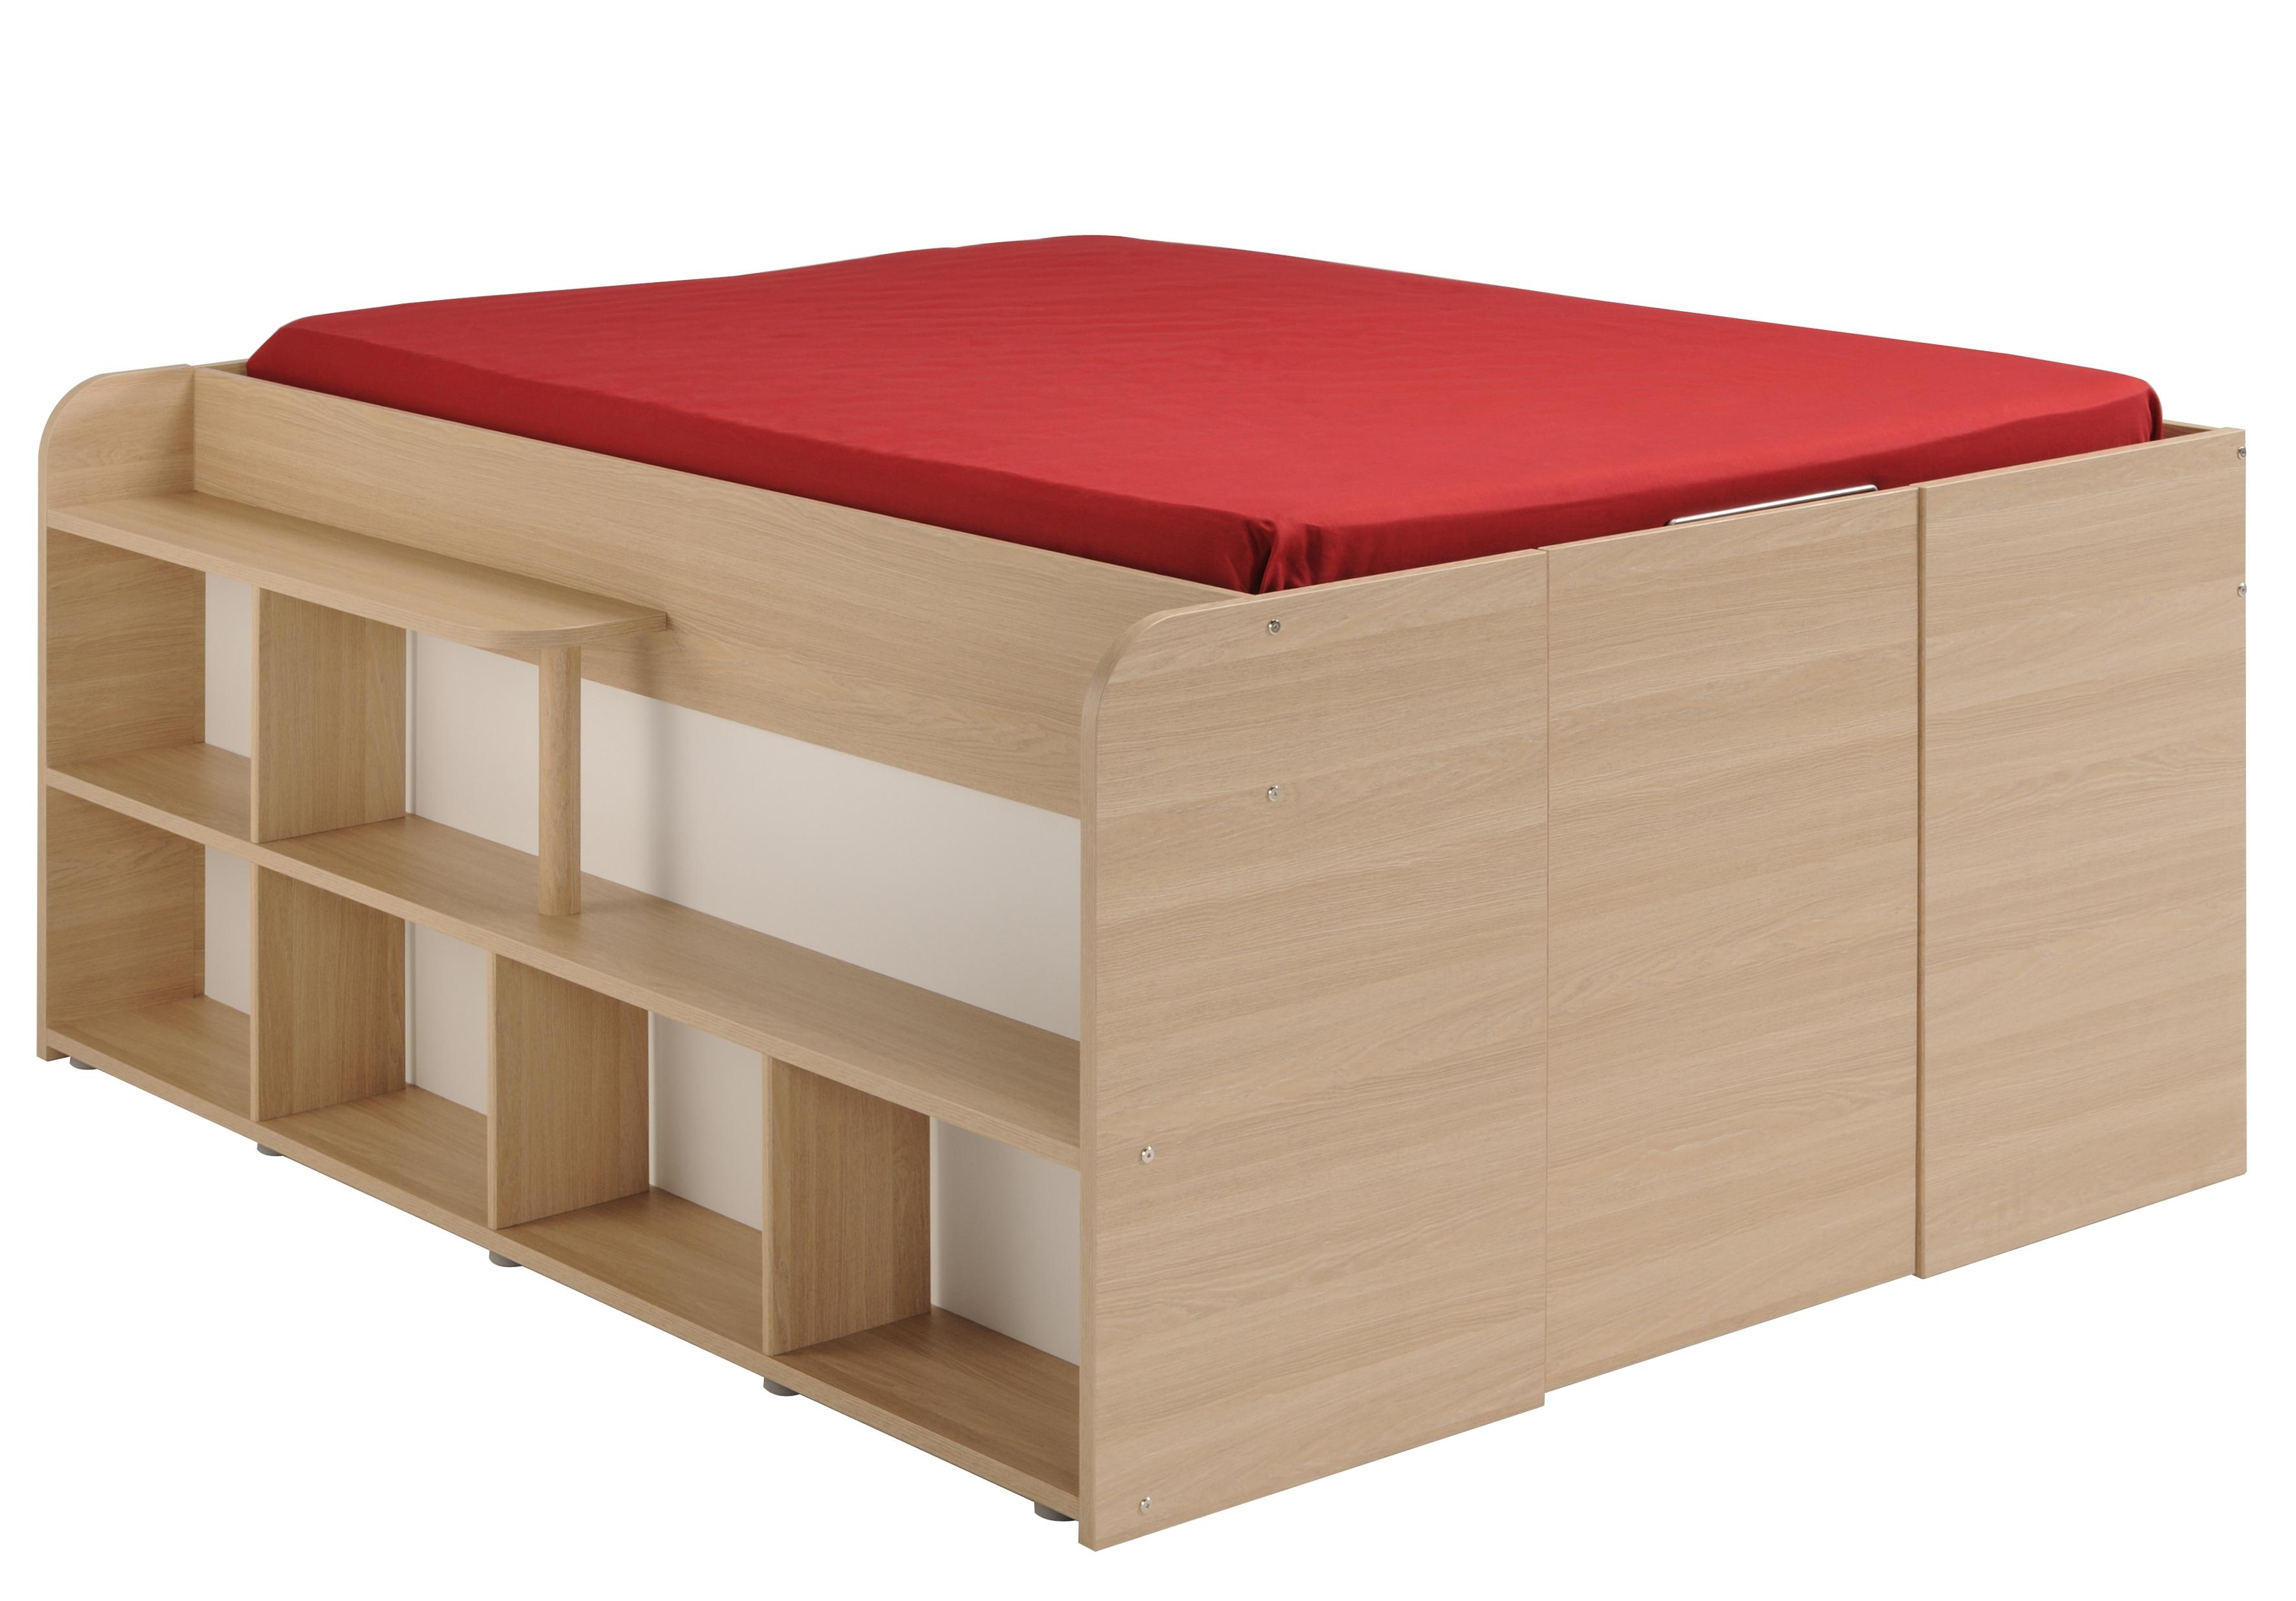 lit avec rangement blanc et ch ne top espace 140. Black Bedroom Furniture Sets. Home Design Ideas